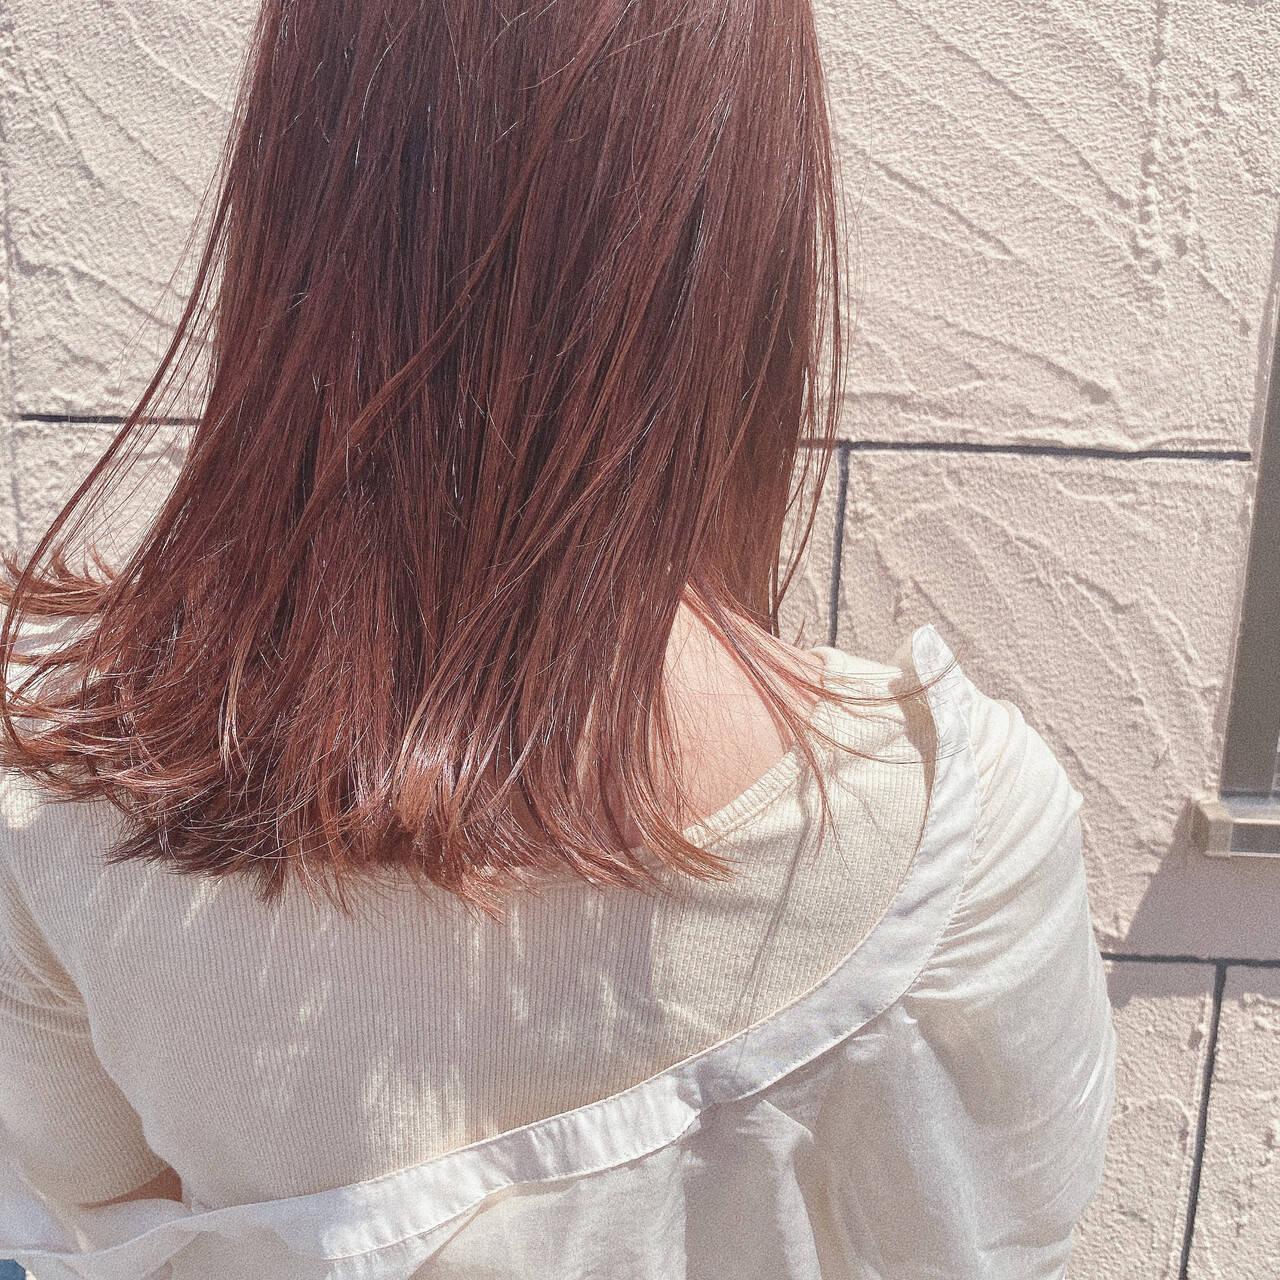 ナチュラル ロング オレンジベージュ オレンジブラウンヘアスタイルや髪型の写真・画像